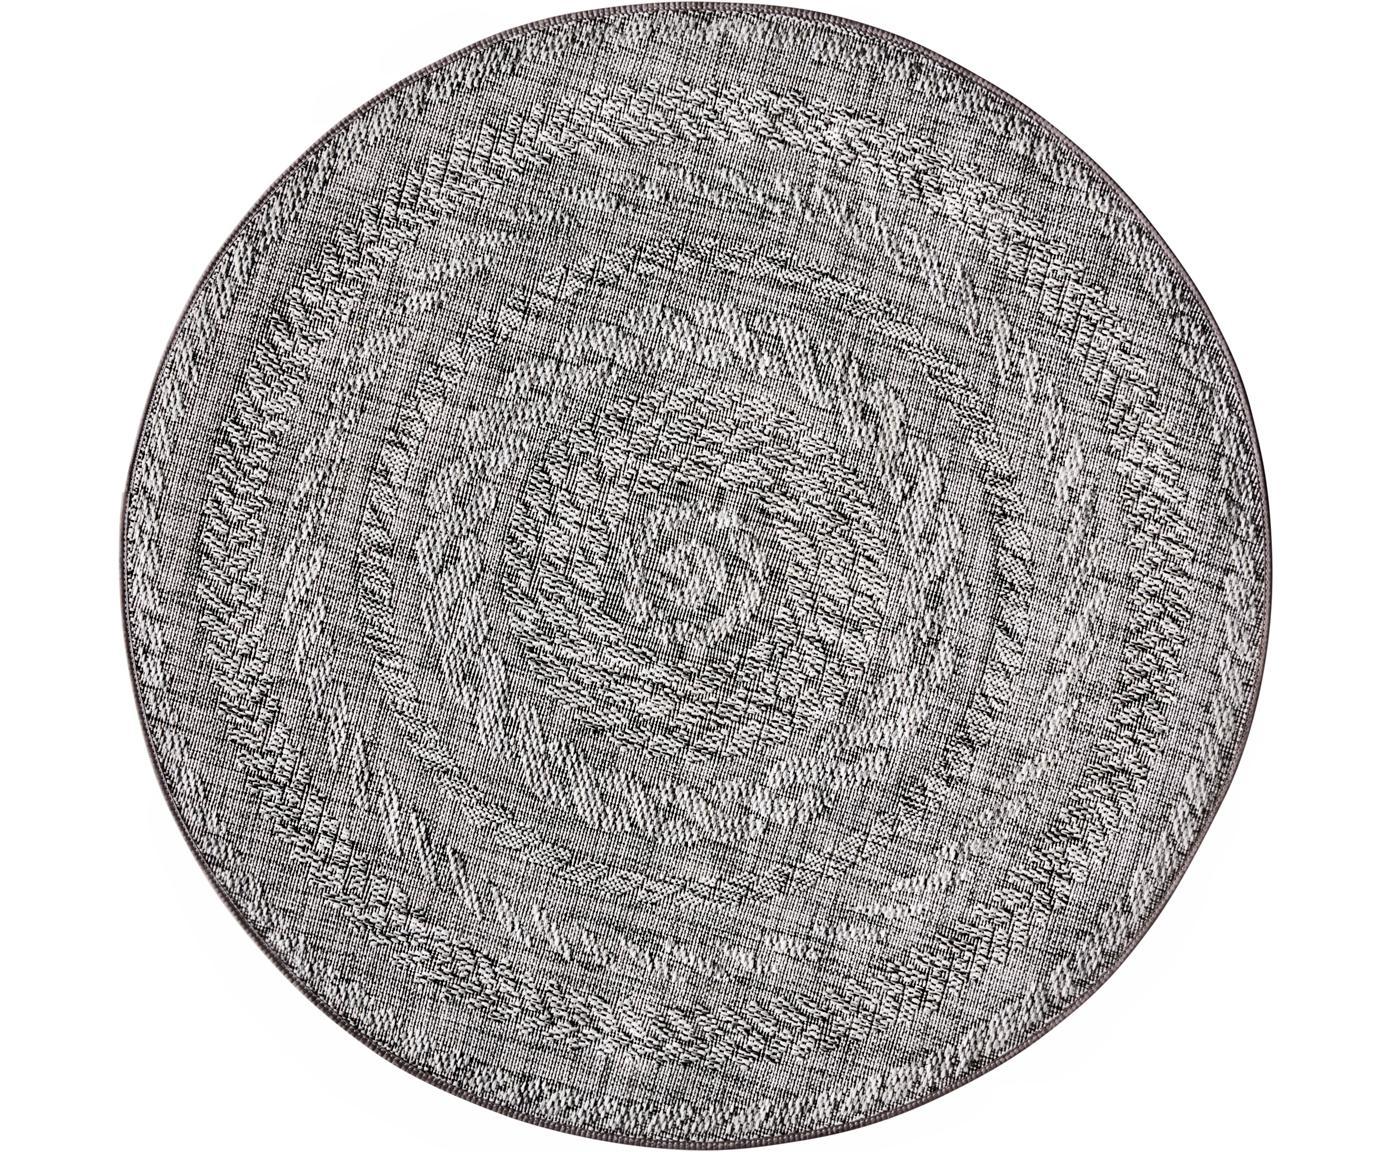 Runder In- & Outdoor-Teppich Antaro, Polypropylen, Hellgrau, Ø 160 cm (Größe L)